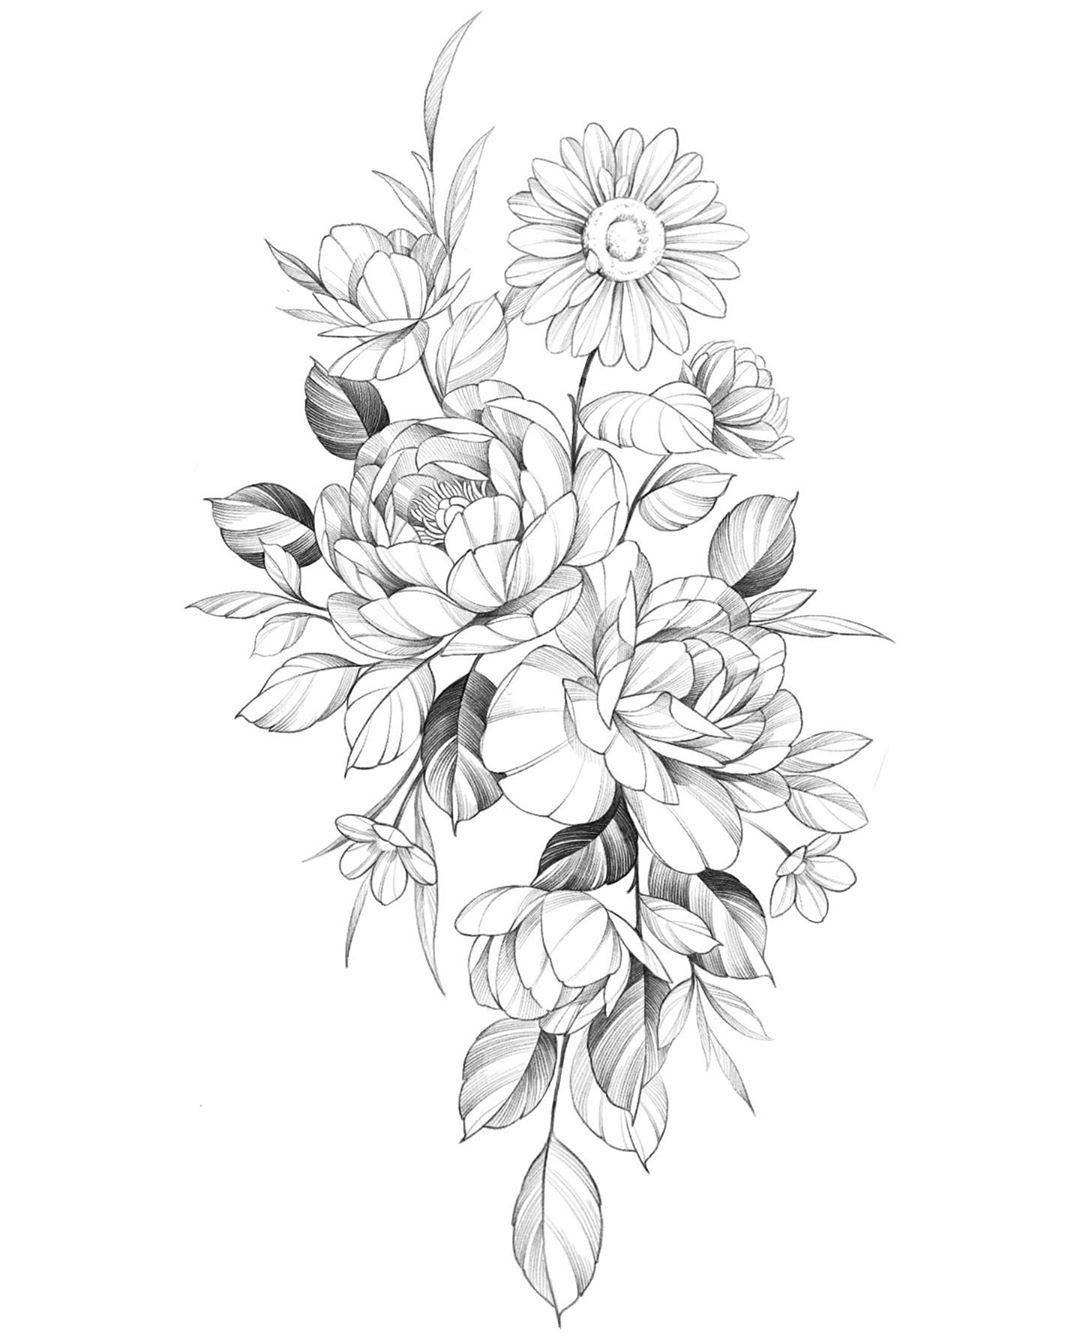 Pin De Monika Asztemborska Em Monika Em 2020 Melhores Tatuagens Pequenas Desenhos Para Tatuar Tatuagem No Quadril